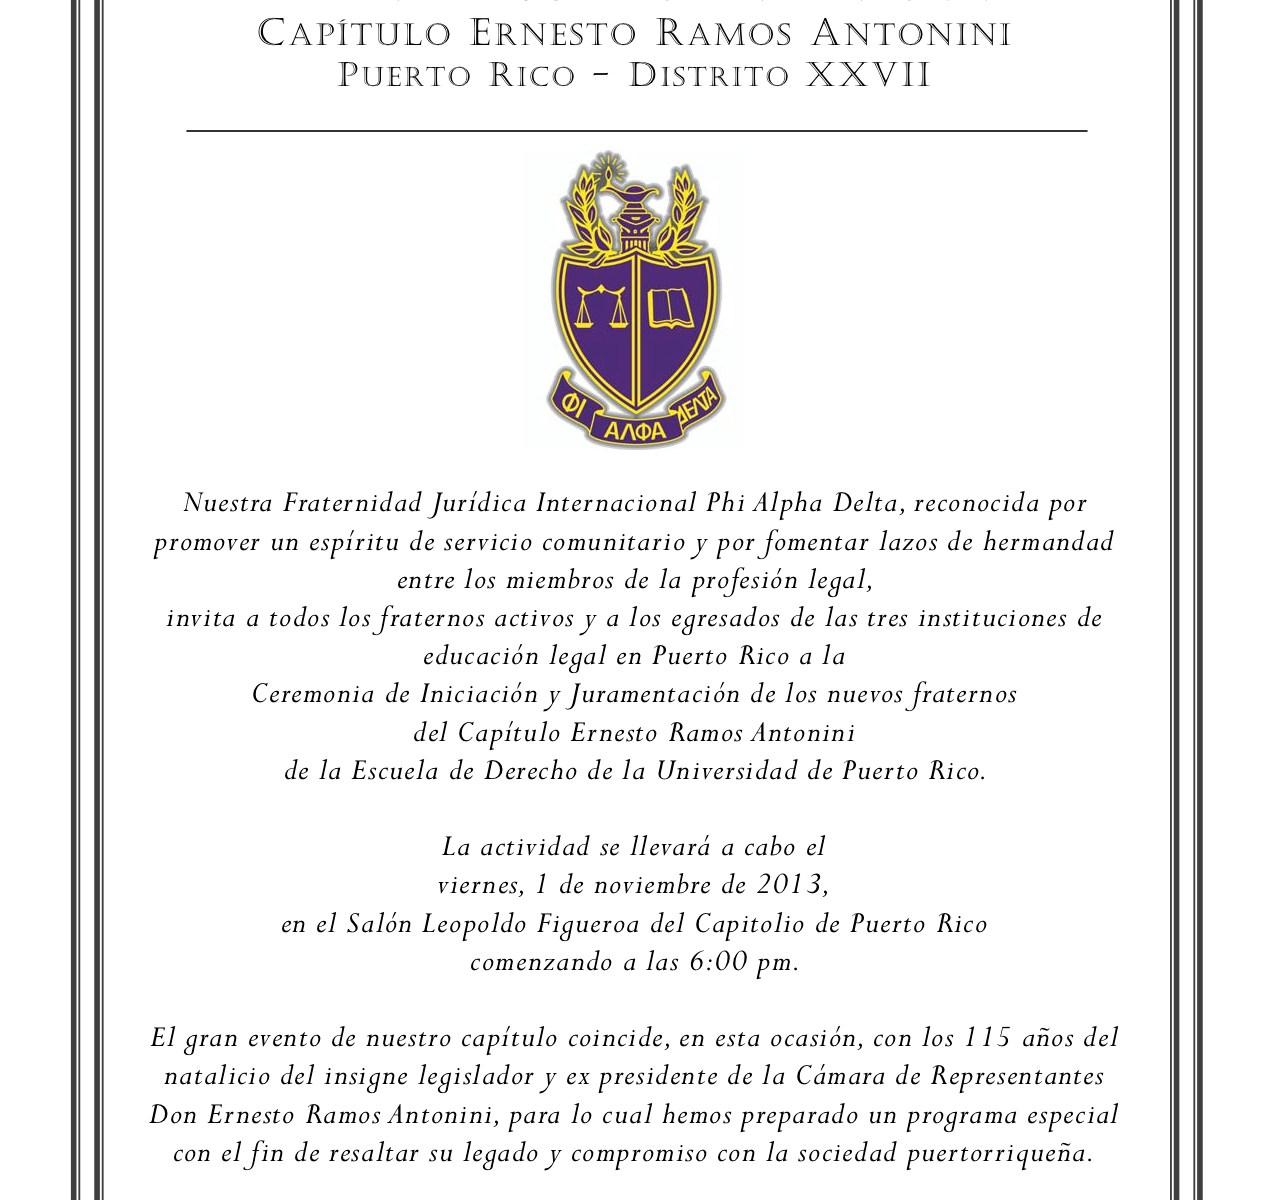 Iniciación y juramentación de nuevos fraternos Phi Alpha Delta en Derecho UPR